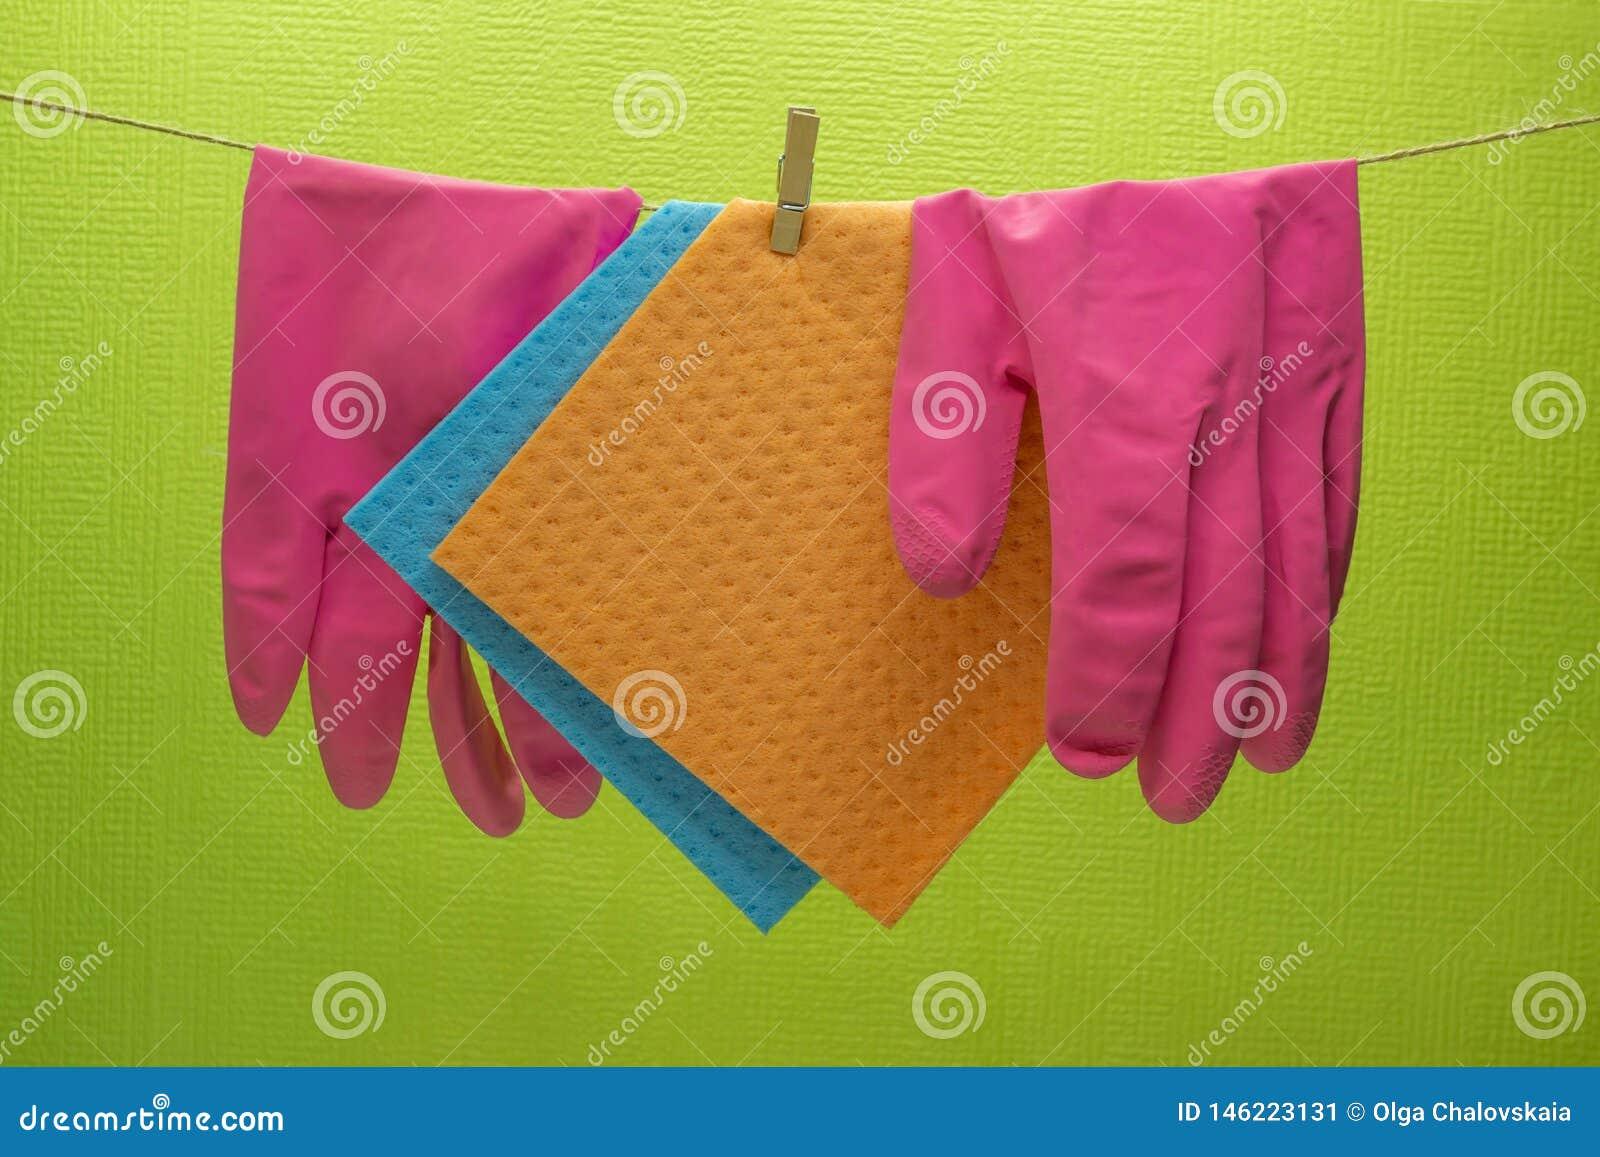 Keukensponsen en rubberhandschoenen die op kabel hangen